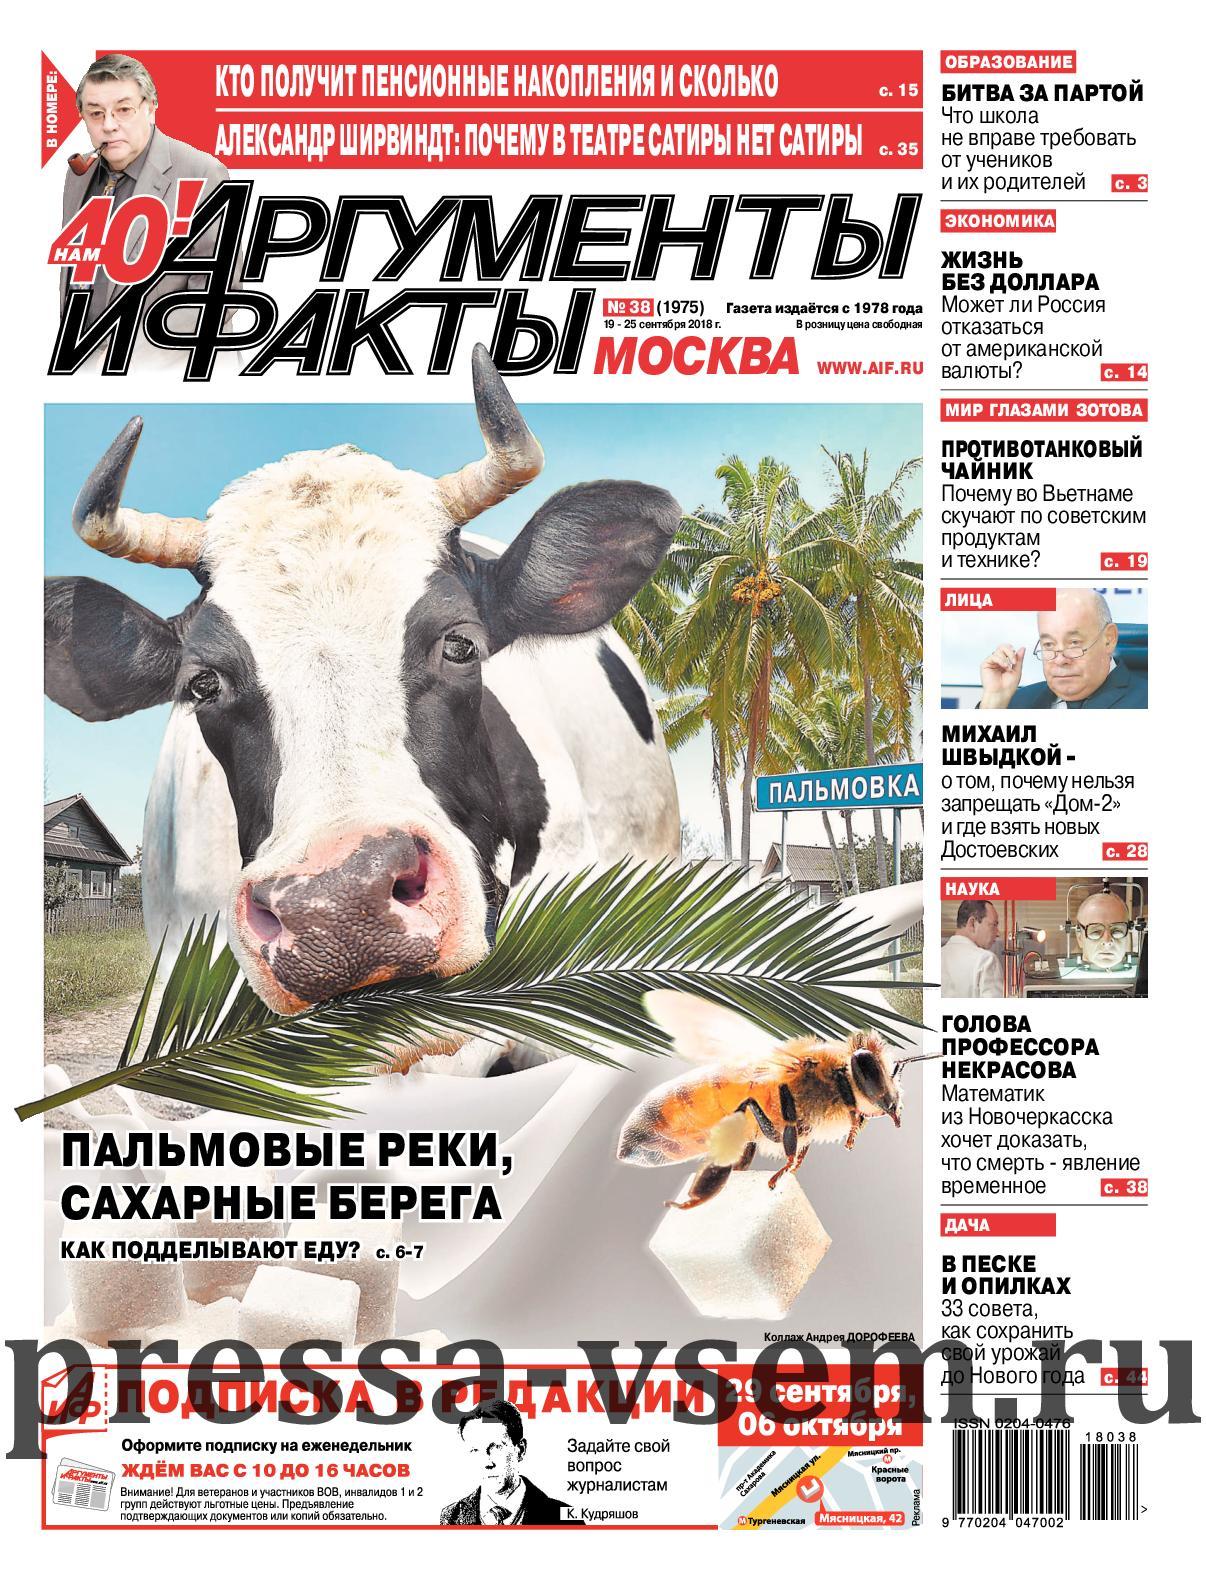 zhguchiy-skolzkiy-massazh-po-pise-smotret-porno-s-tetkami-v-vannoy